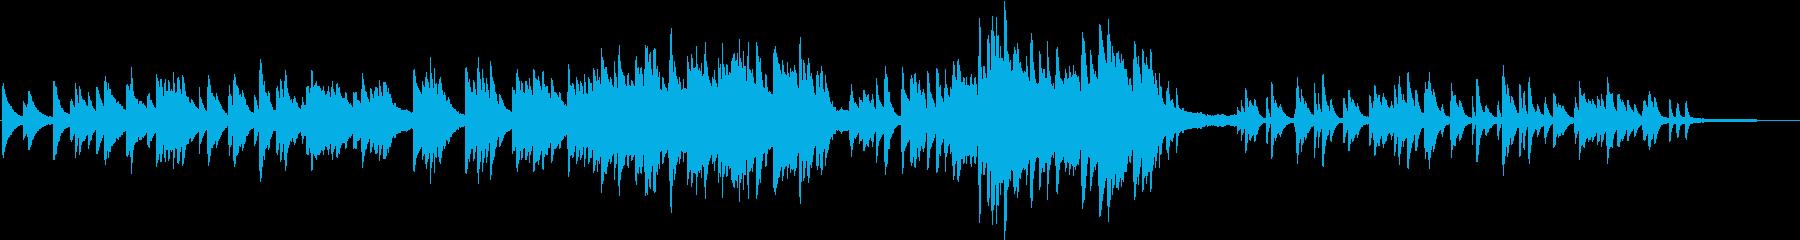 3拍子の少し切ないピアノバラードの再生済みの波形